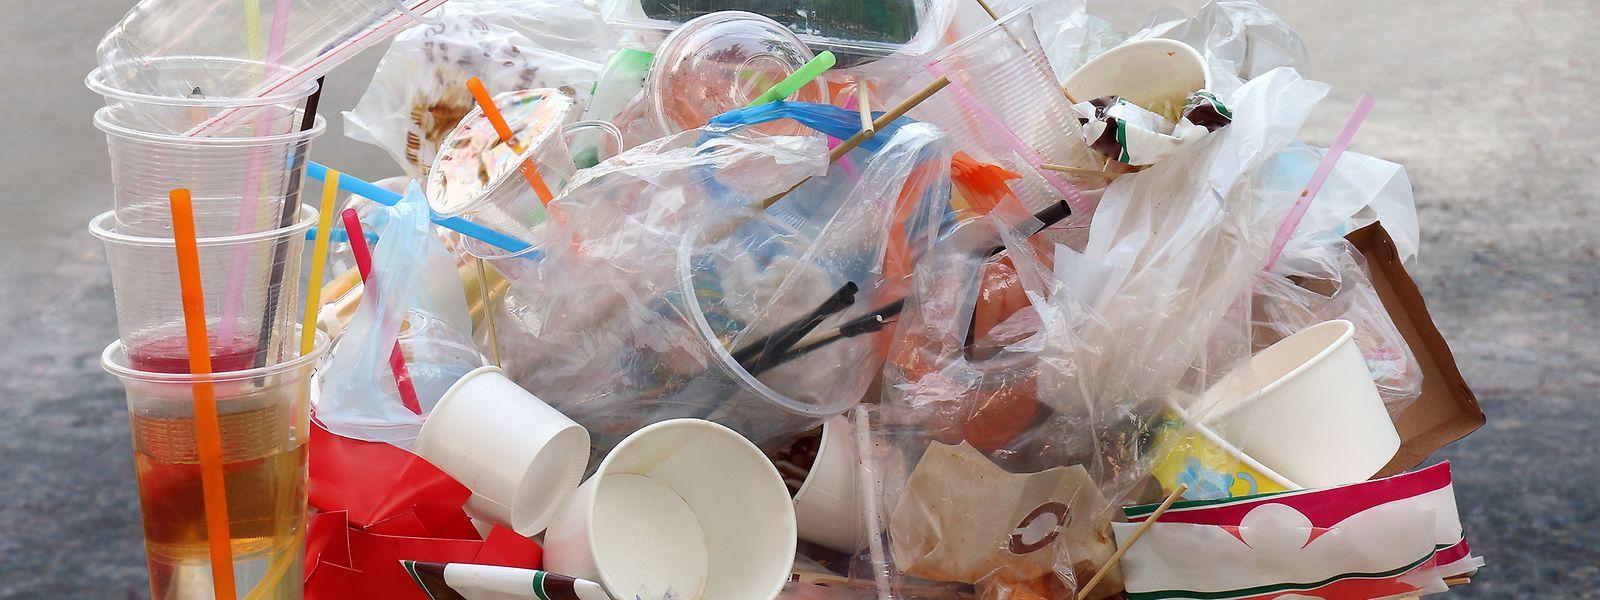 Zwar bleibt die Gesamtabfallmenge in Luxemburg trotz Bevölkerungswachstums seit Jahren konstant, doch nimmt der Anteil an Plastikverpackungen im Hausmüll deutlich zu. Sie machen ganze 43,7 Prozent des Gesamtvolumens aus.